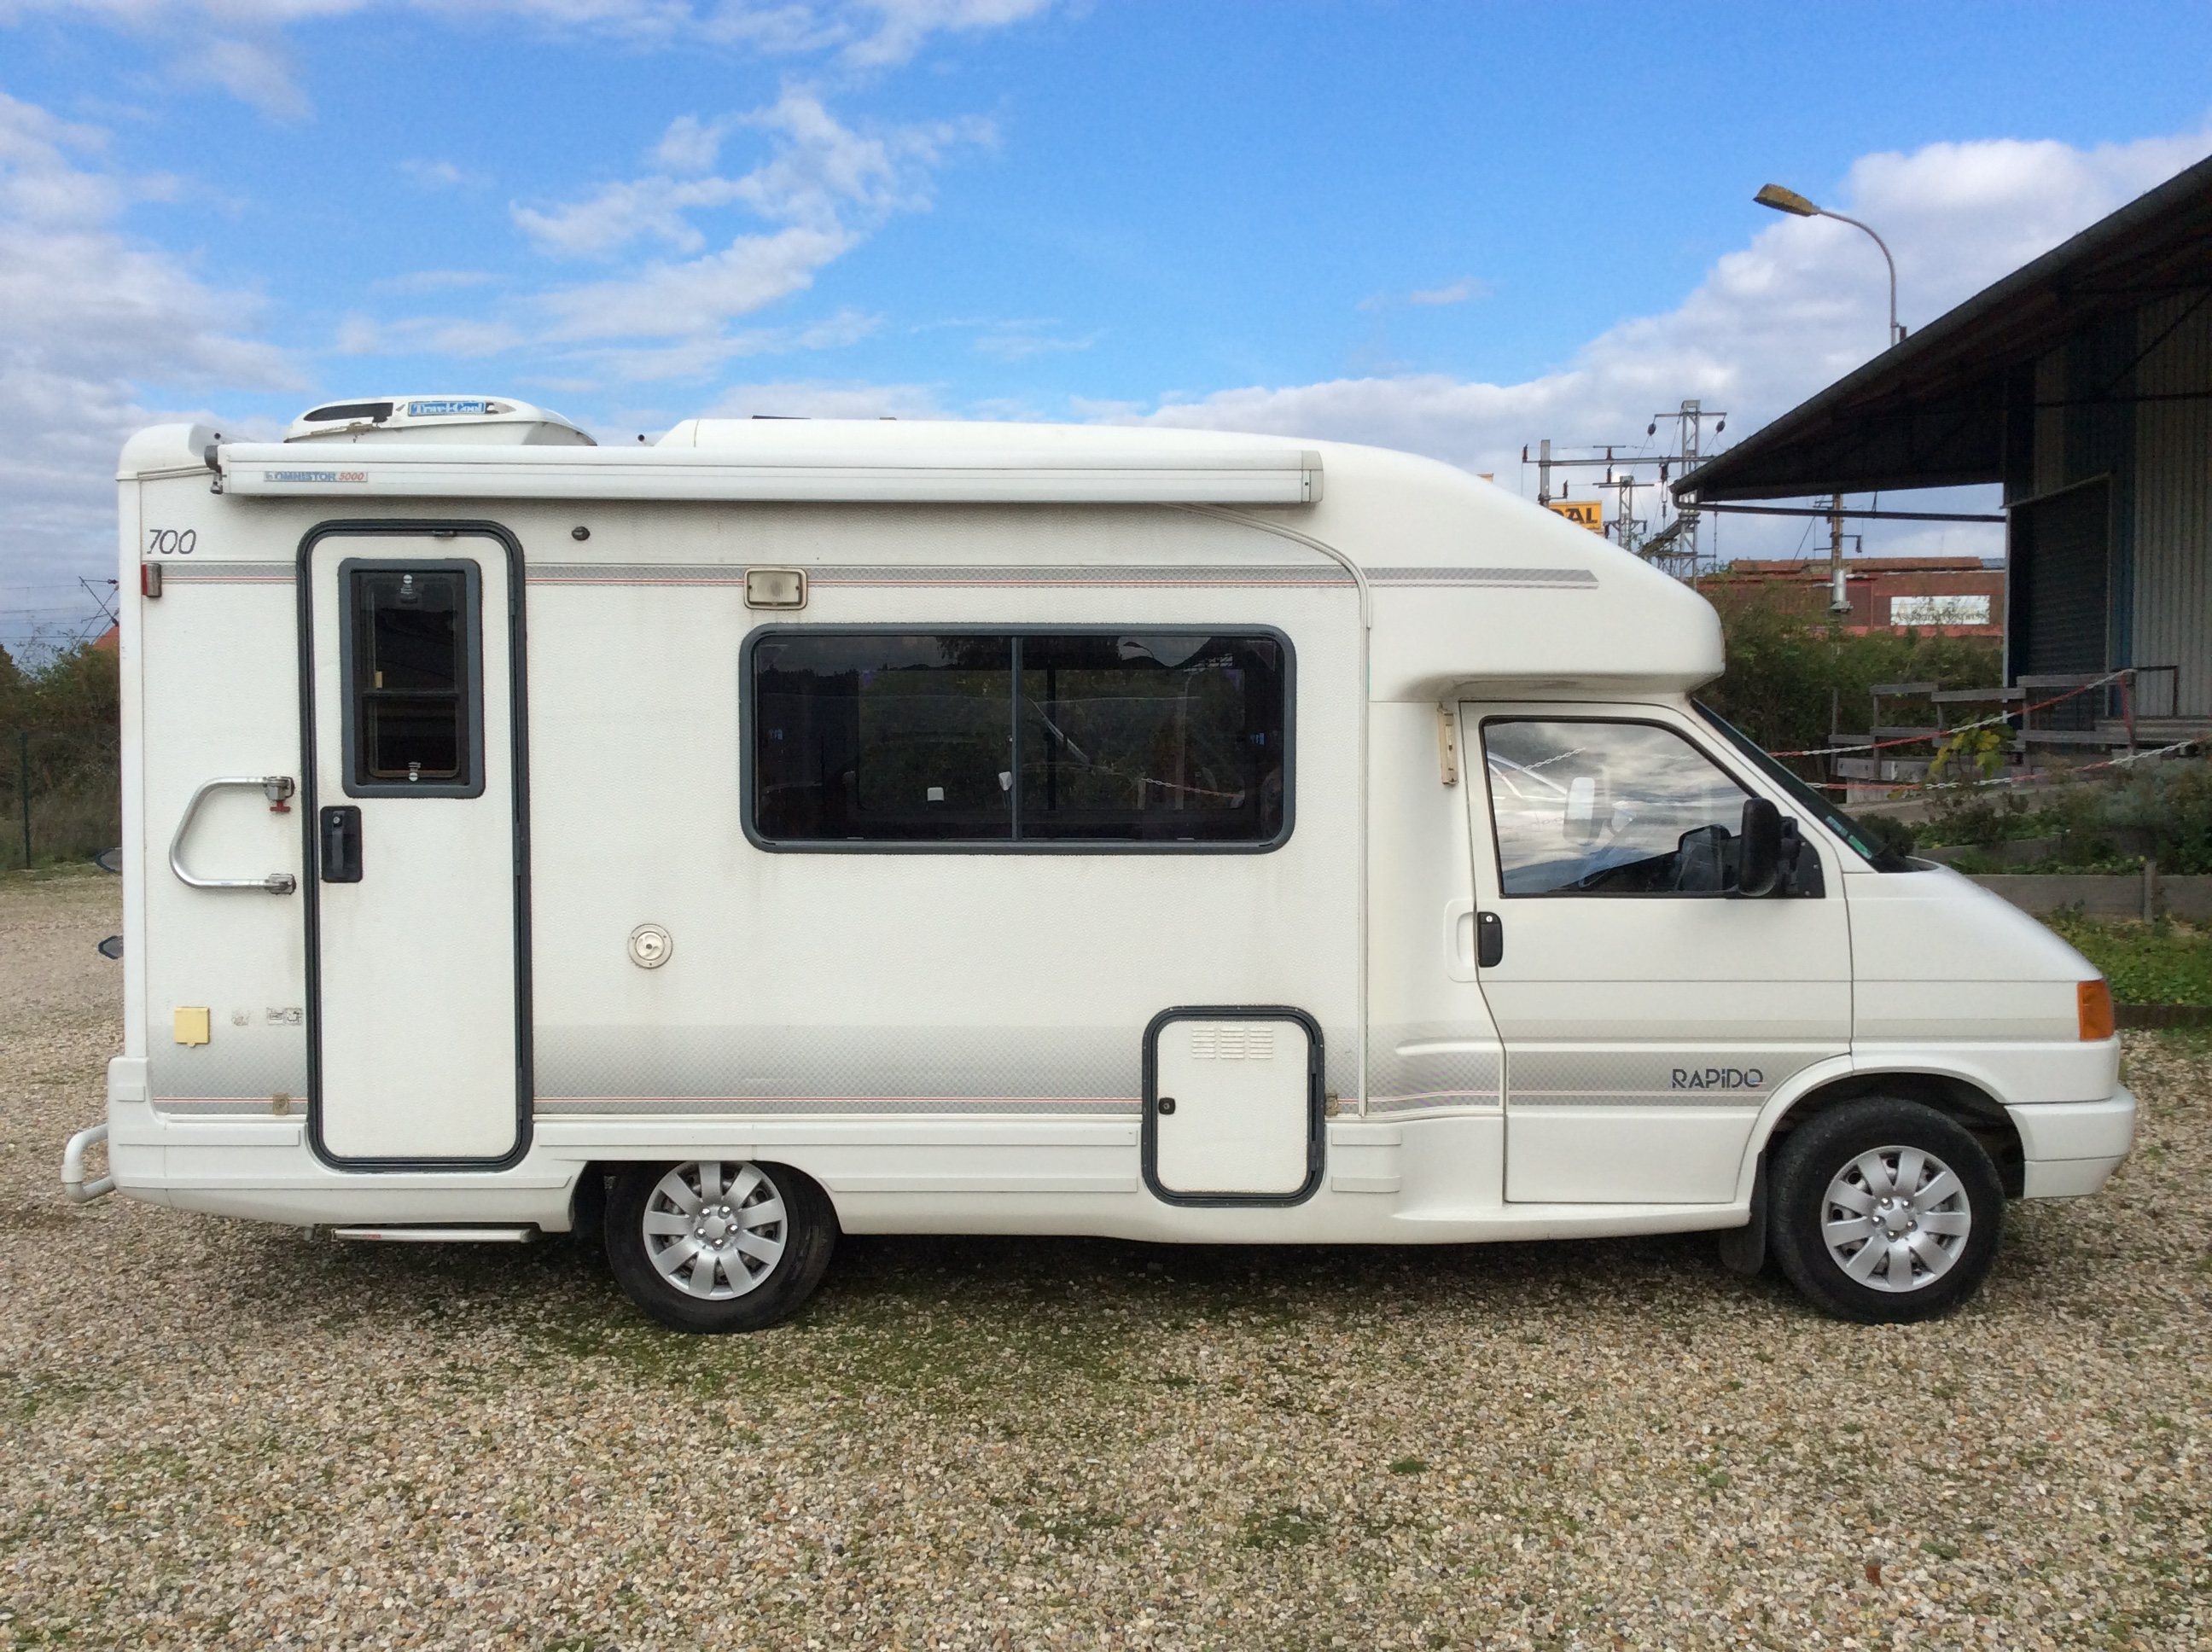 rapido le randonneur 700 t4 vw occasion de 1995 vw camping car en vente aubevoye eure 27. Black Bedroom Furniture Sets. Home Design Ideas